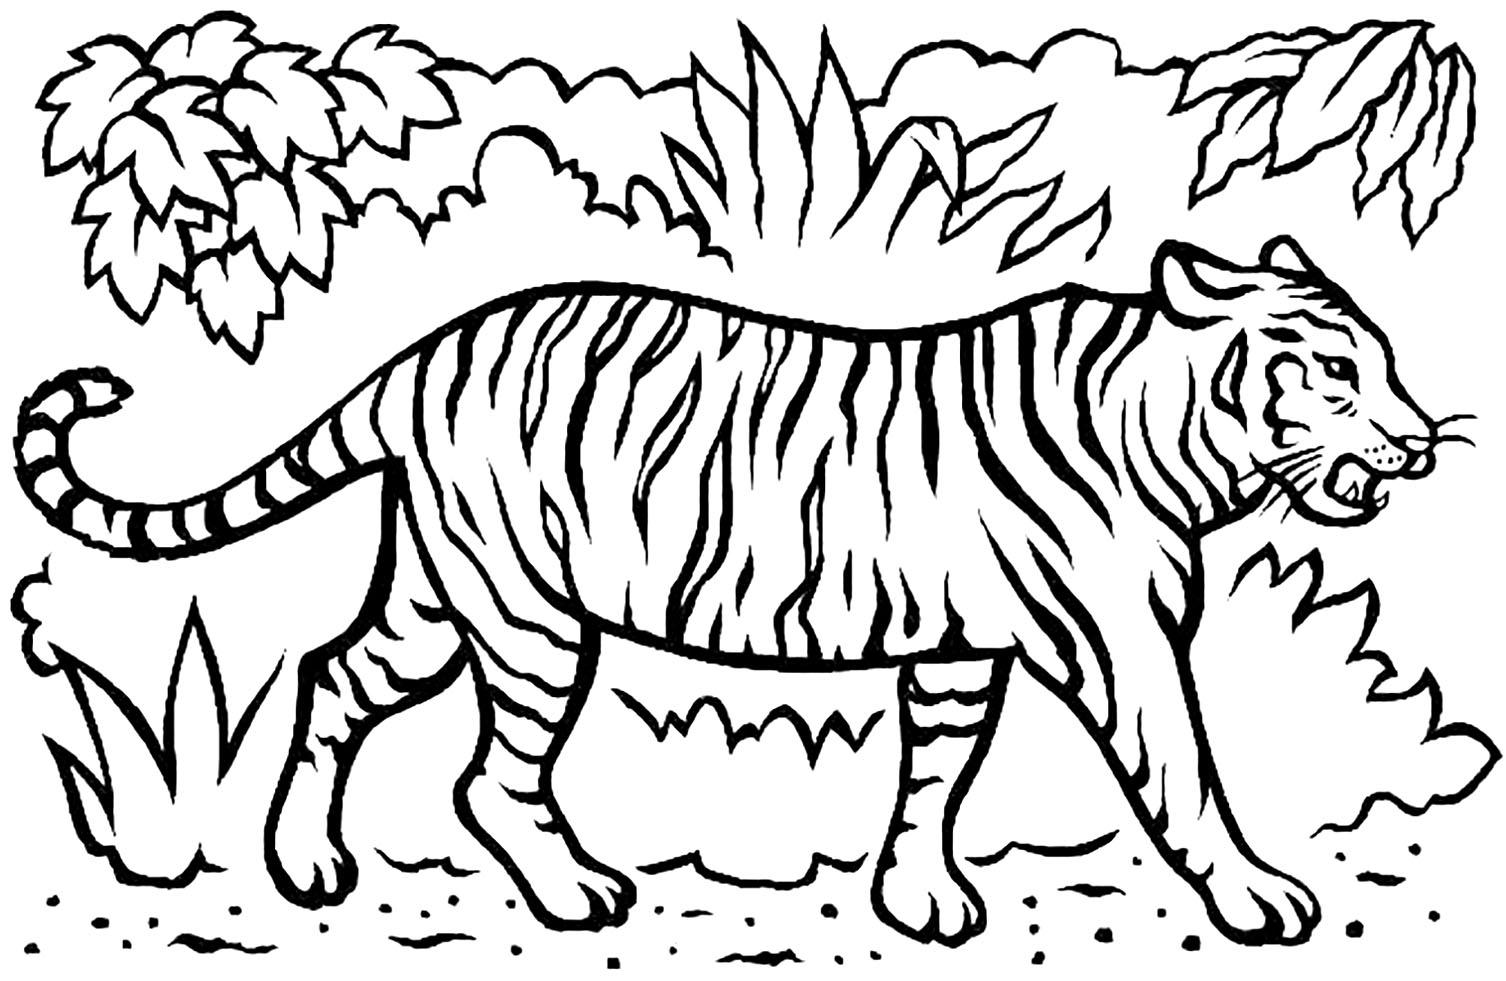 Coloriage de tigre à imprimer pour enfants - Coloriage de Tigres - Coloriages pour enfants